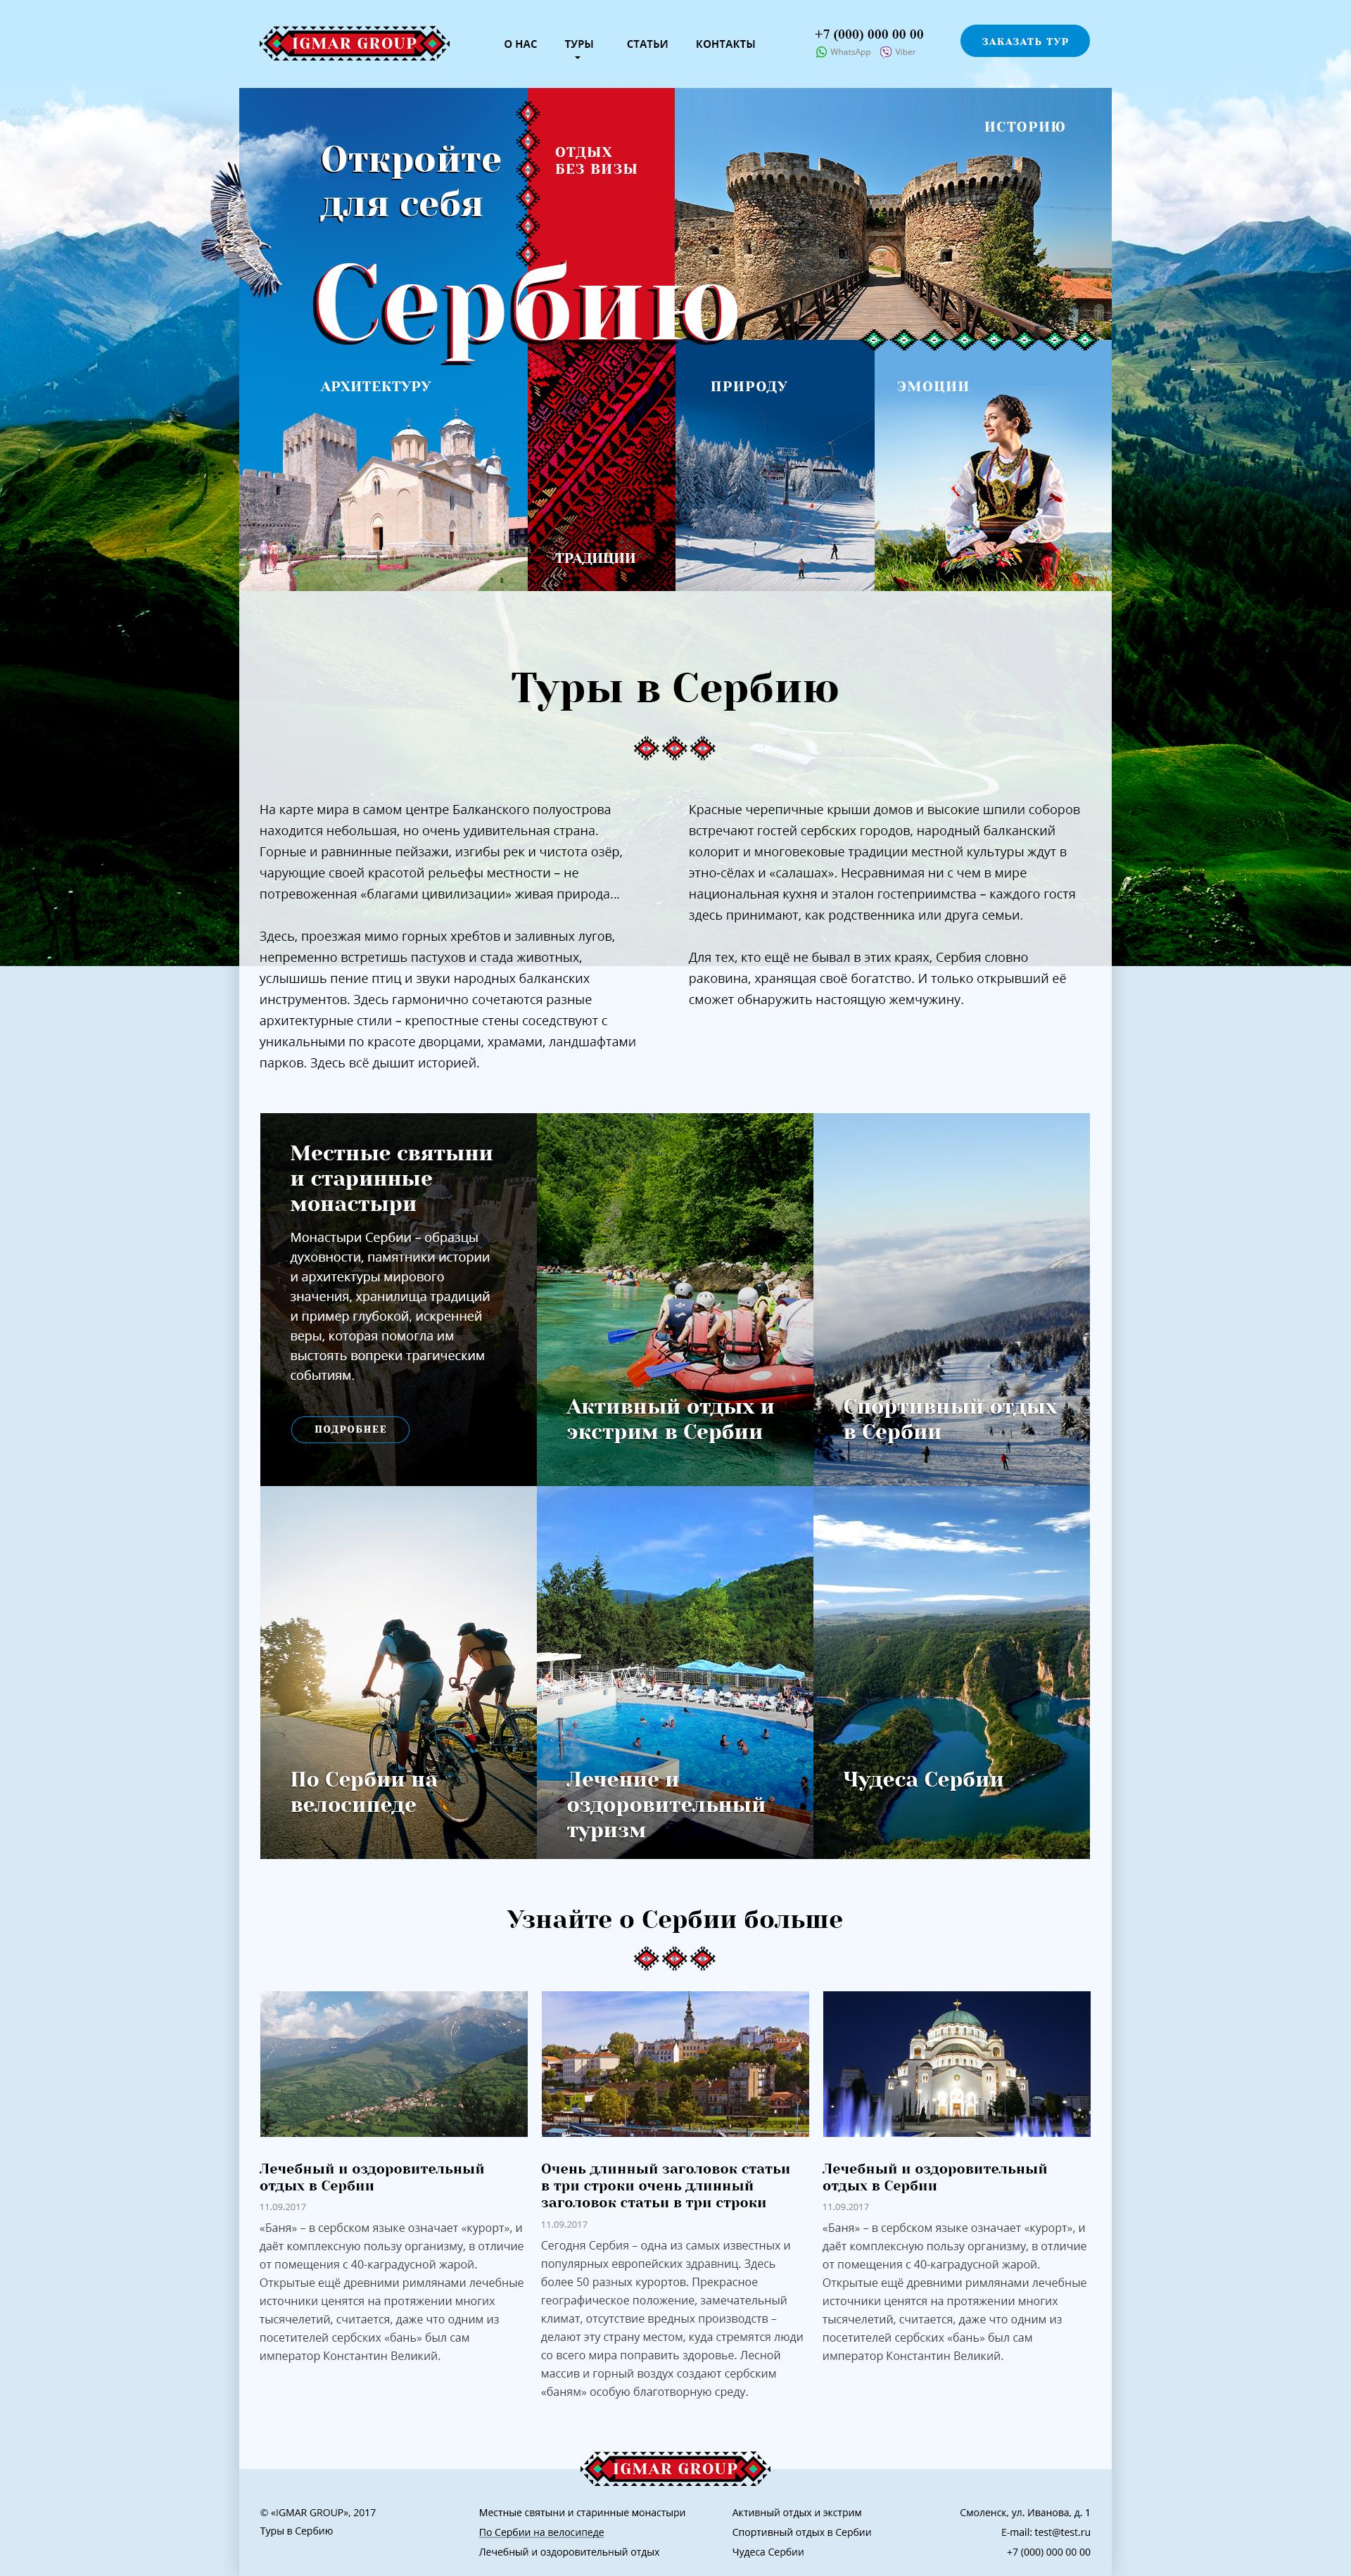 Разработка сайта для туристической компании в Сербии